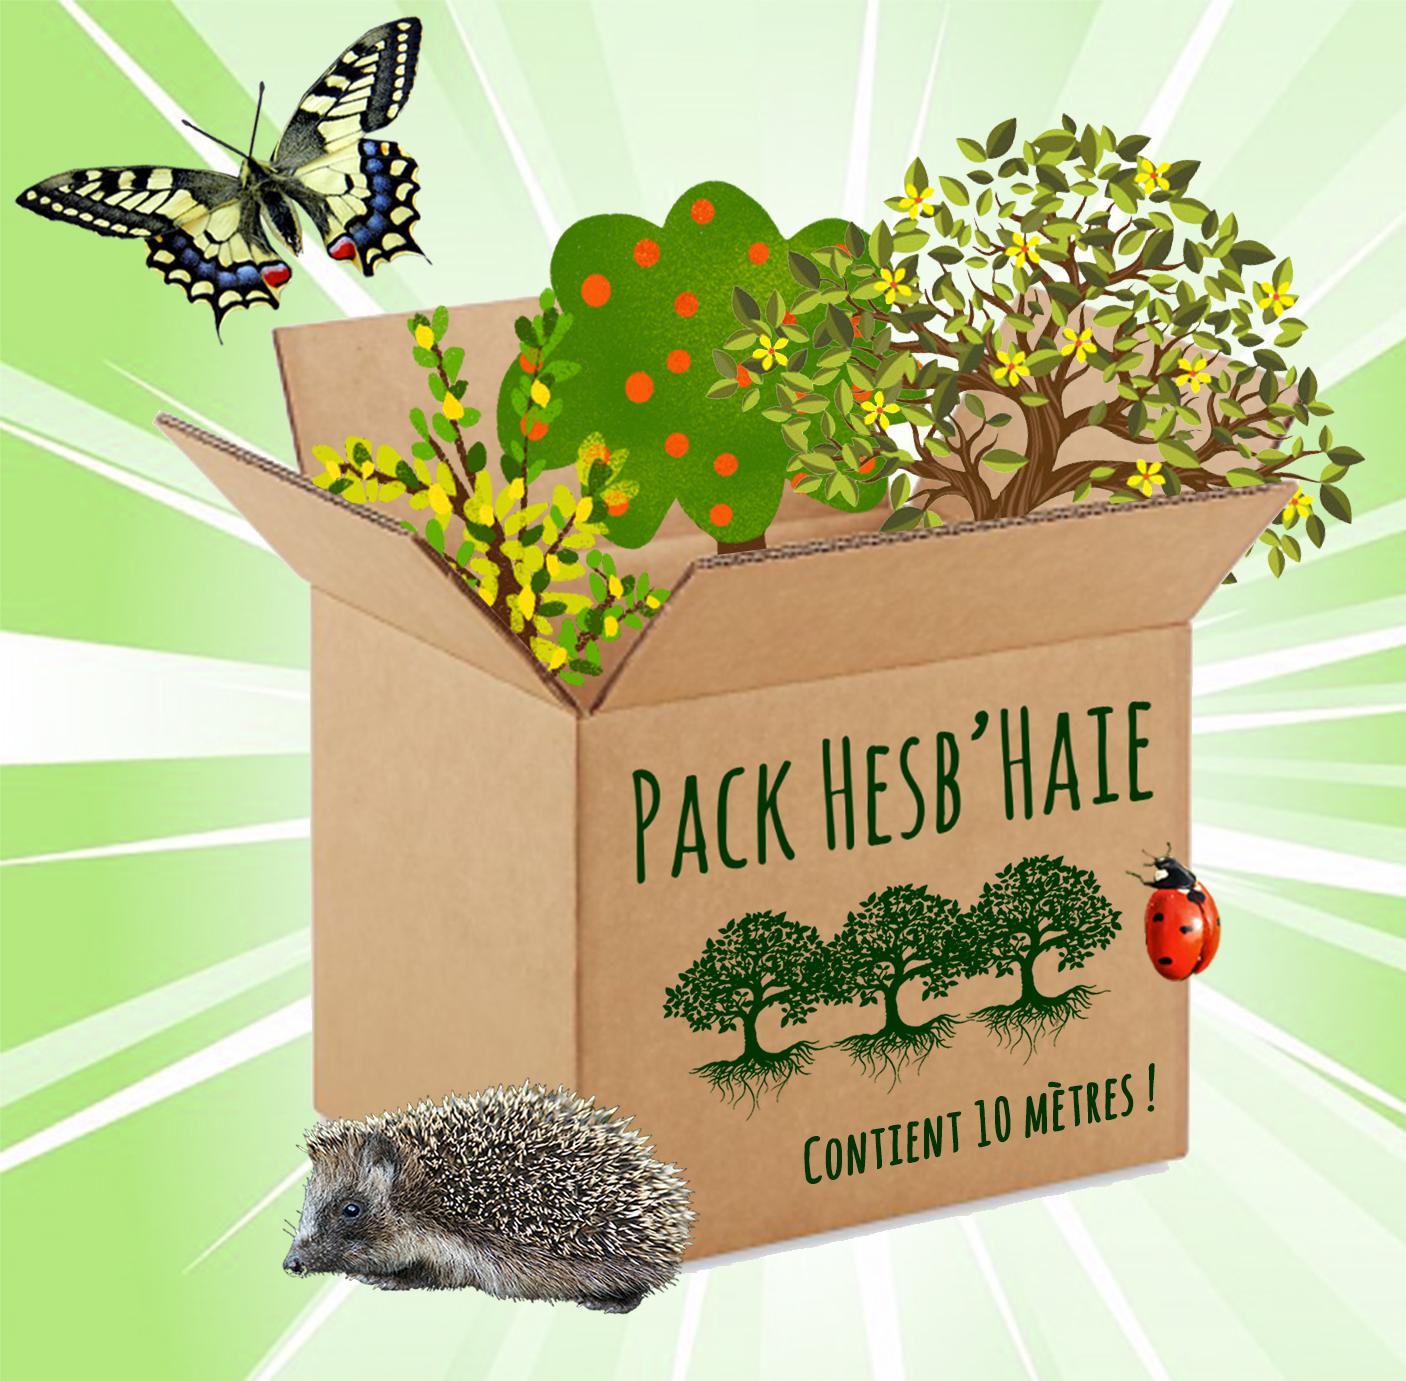 Commandez votre Pack Hesb'Haie